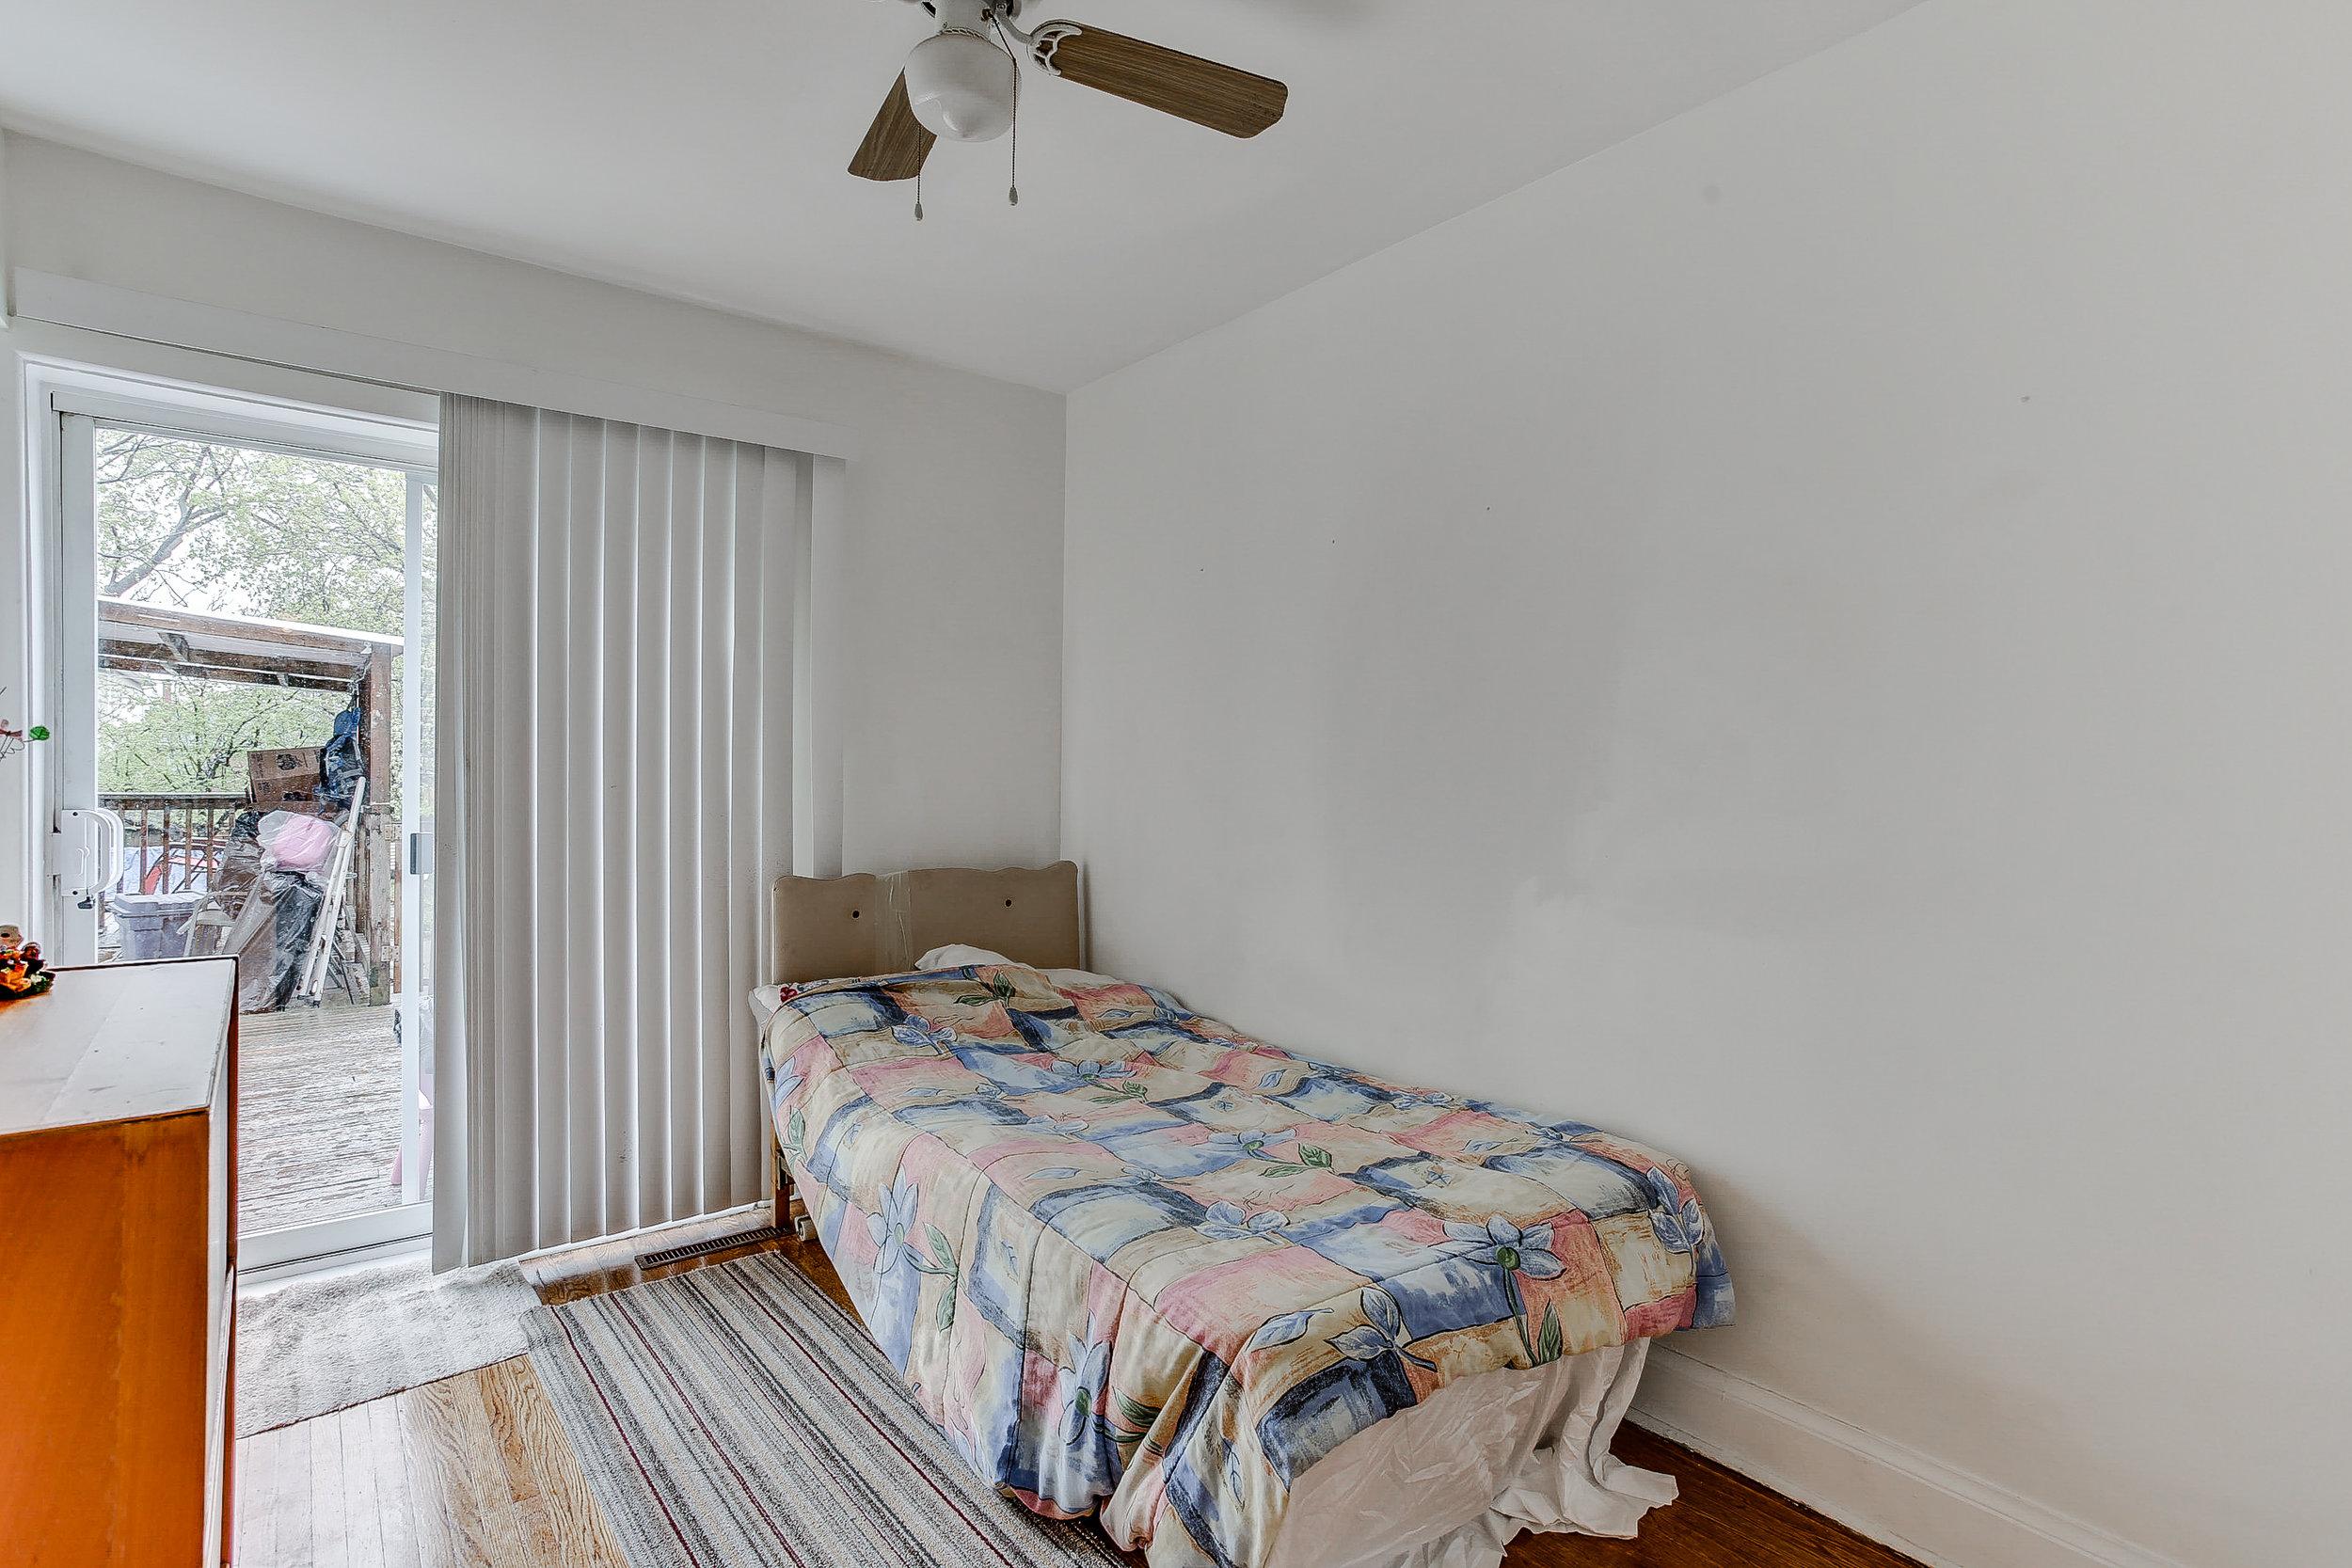 24_3rdbedroom1.jpg